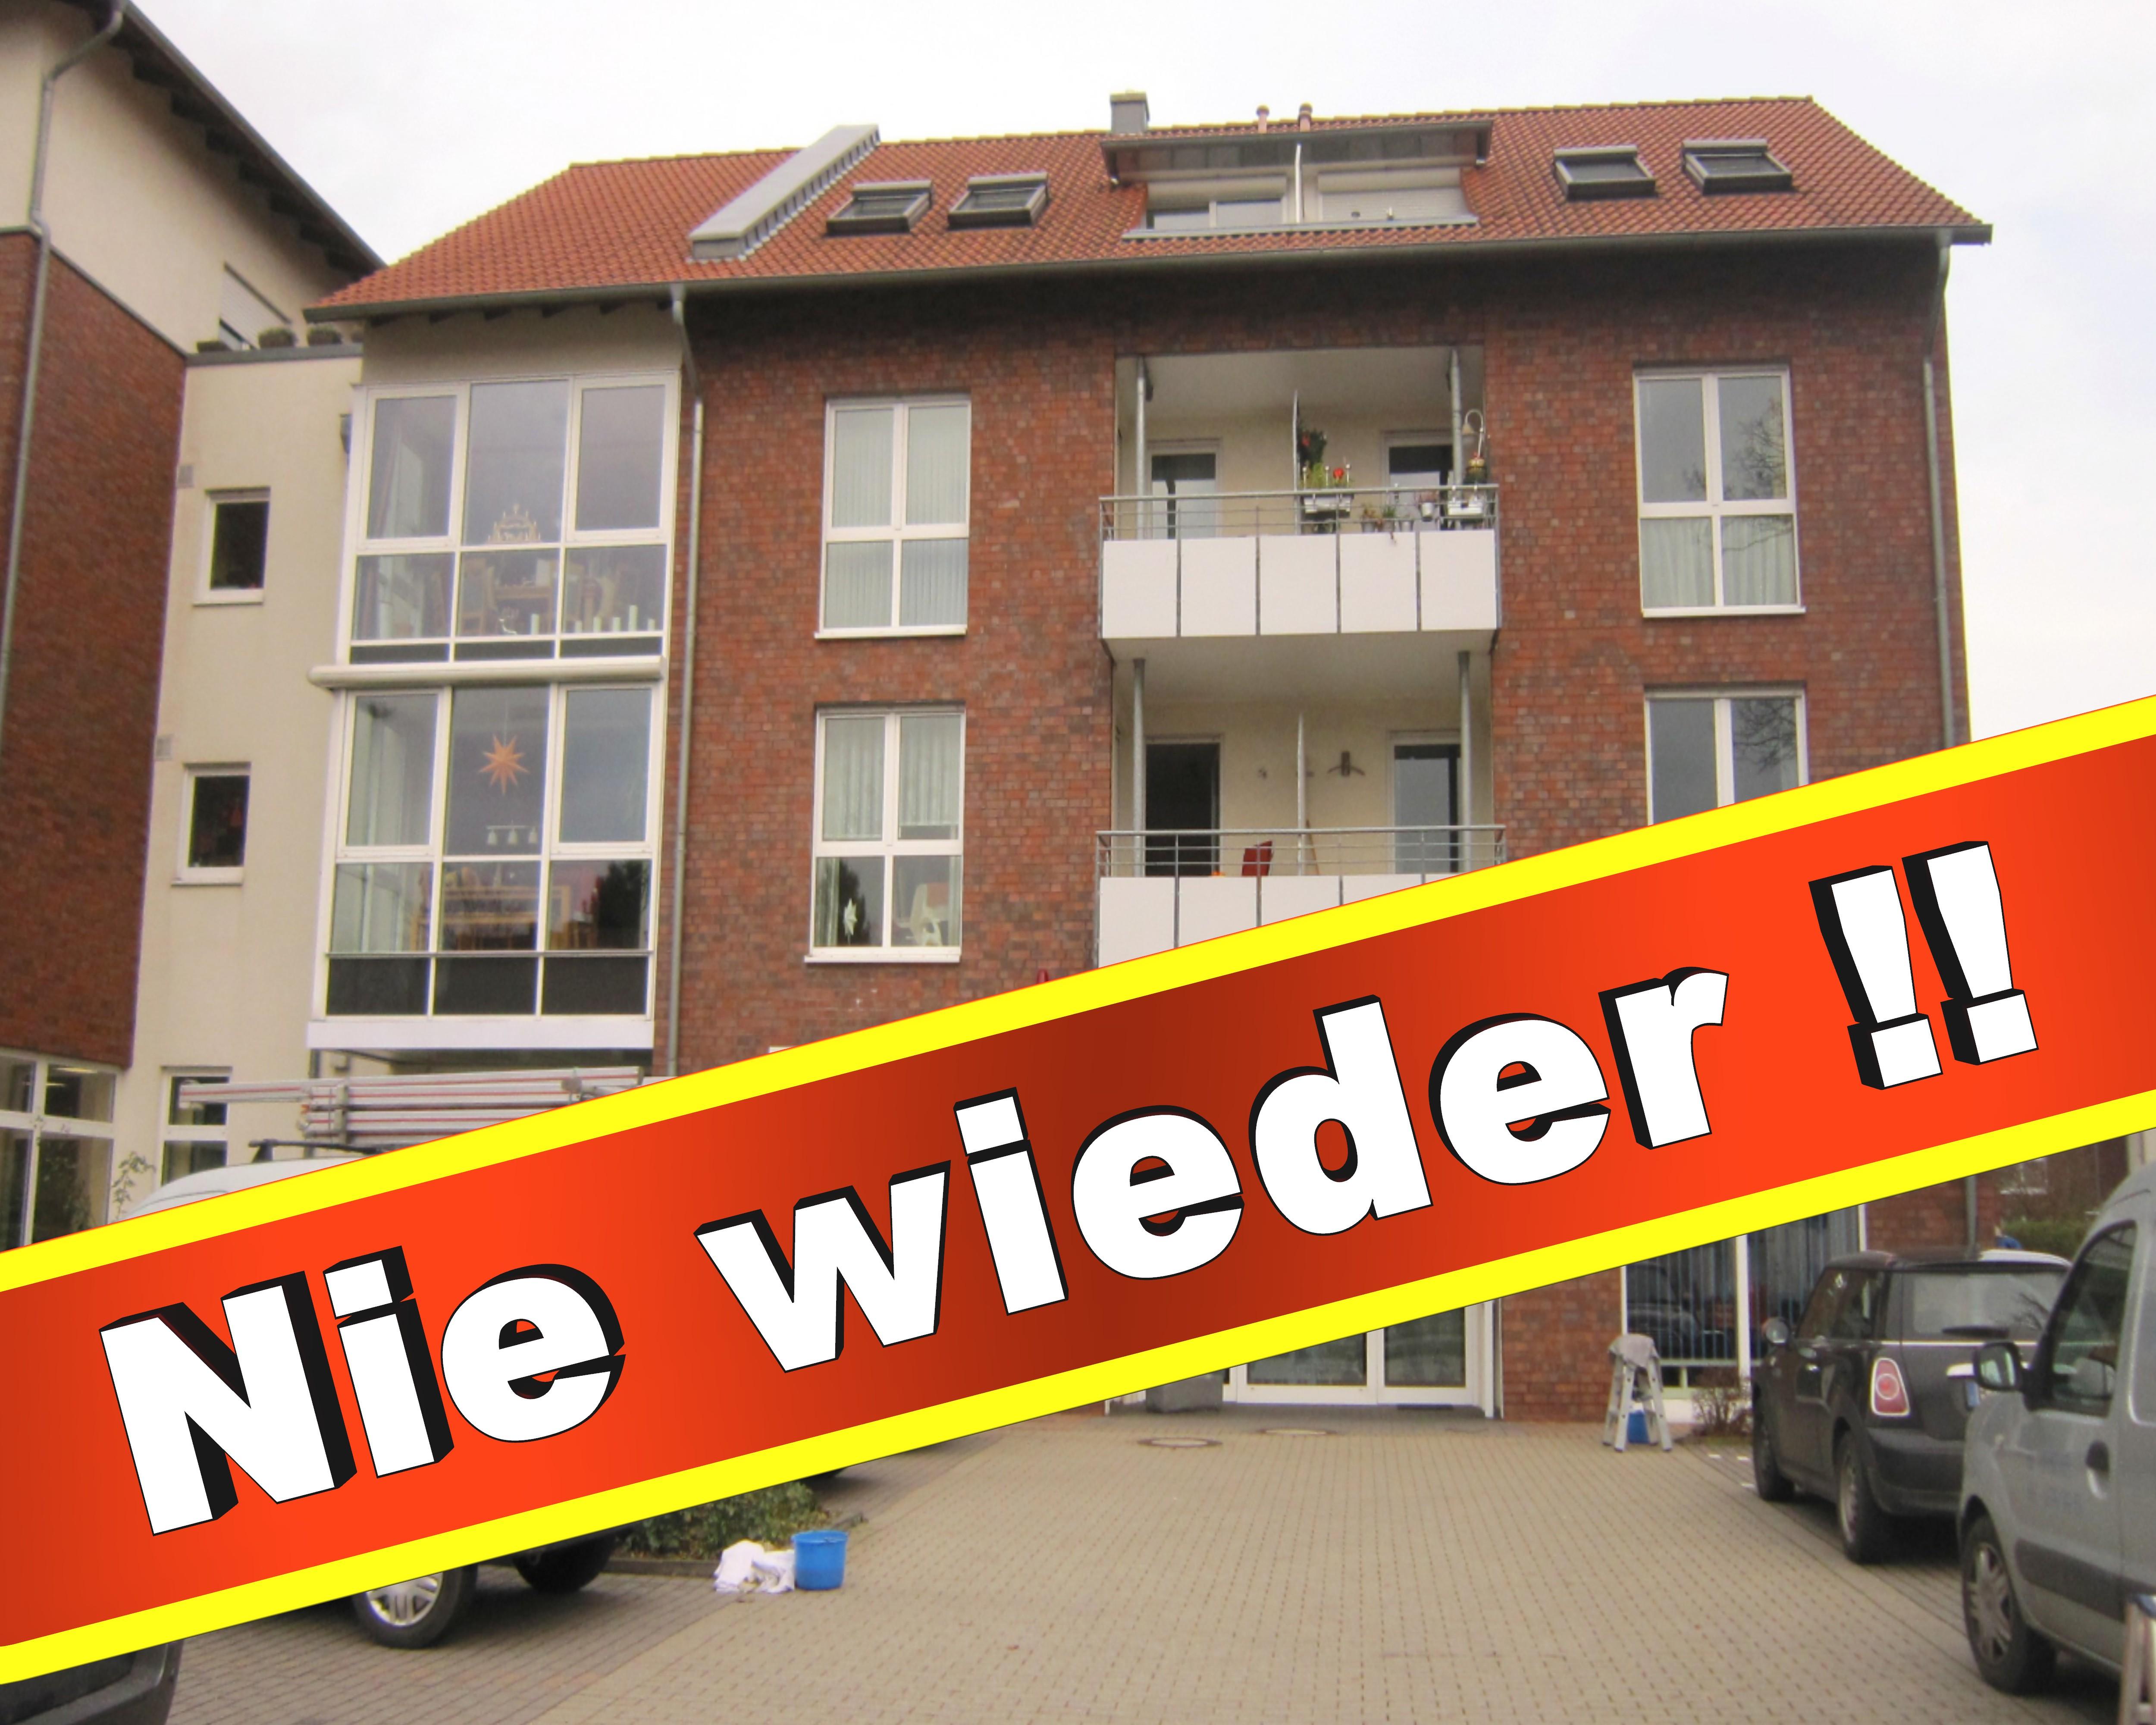 Hausverwaltung Clemens Bielefeld Jöllenbecker Str 306, 33613 Bielefeld Grundstücksverwaltung Hausverwaltungen (6)